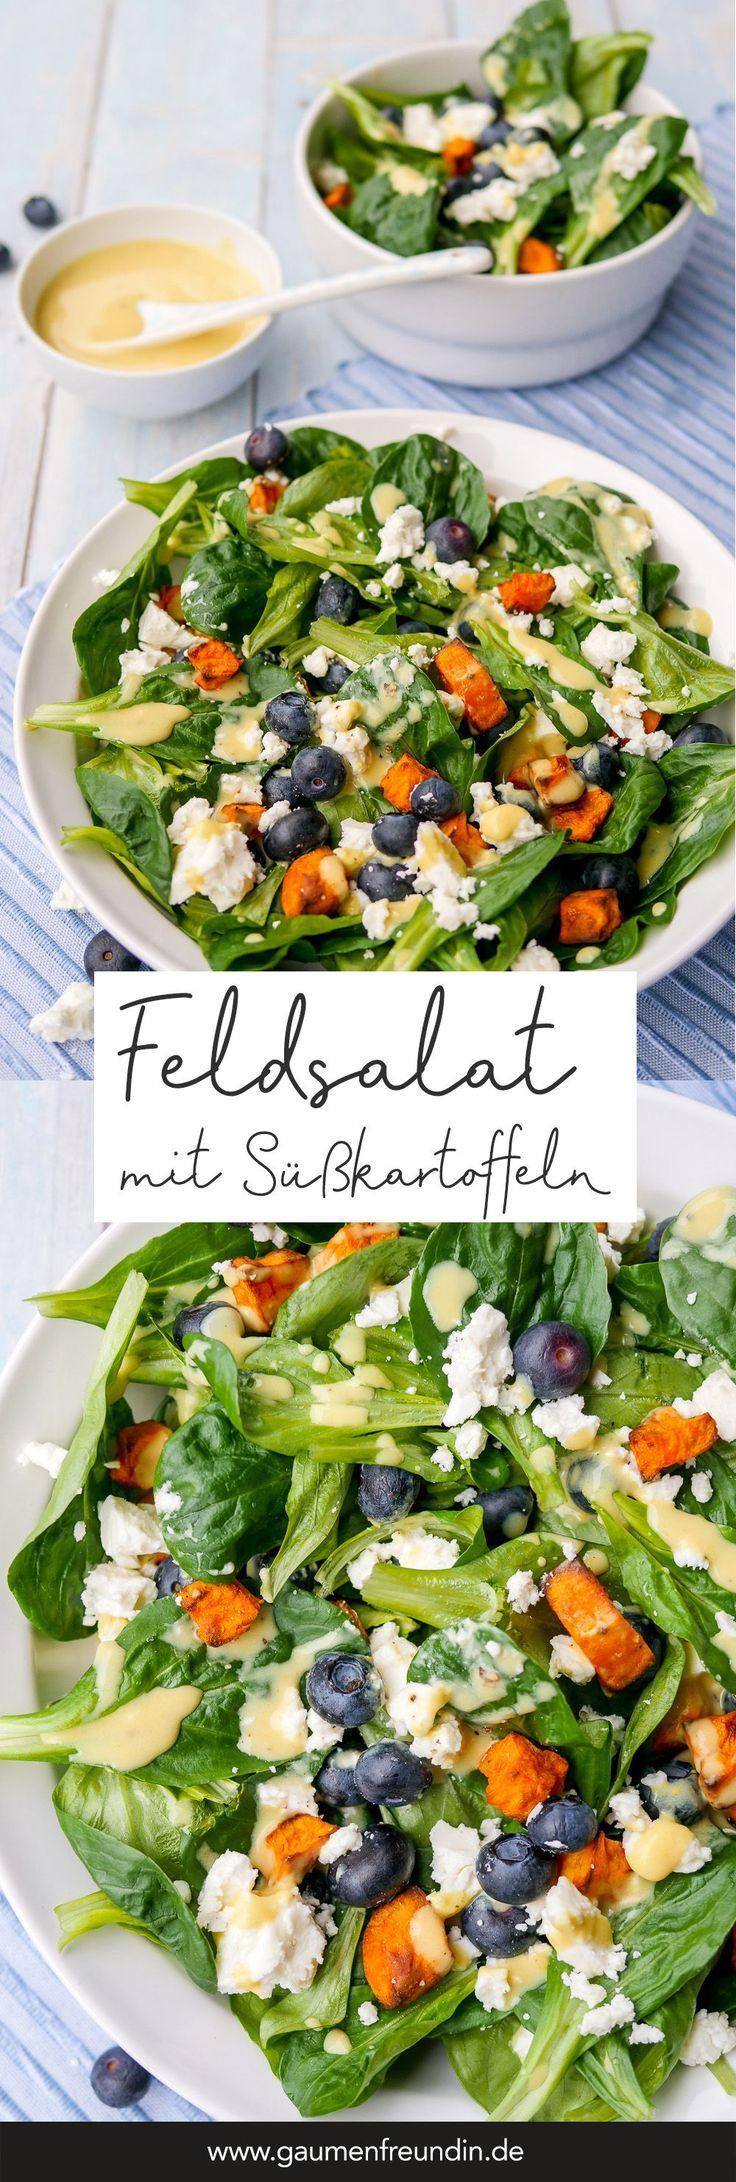 Feldsalat mit Süßkartoffeln und Heidelbeeren